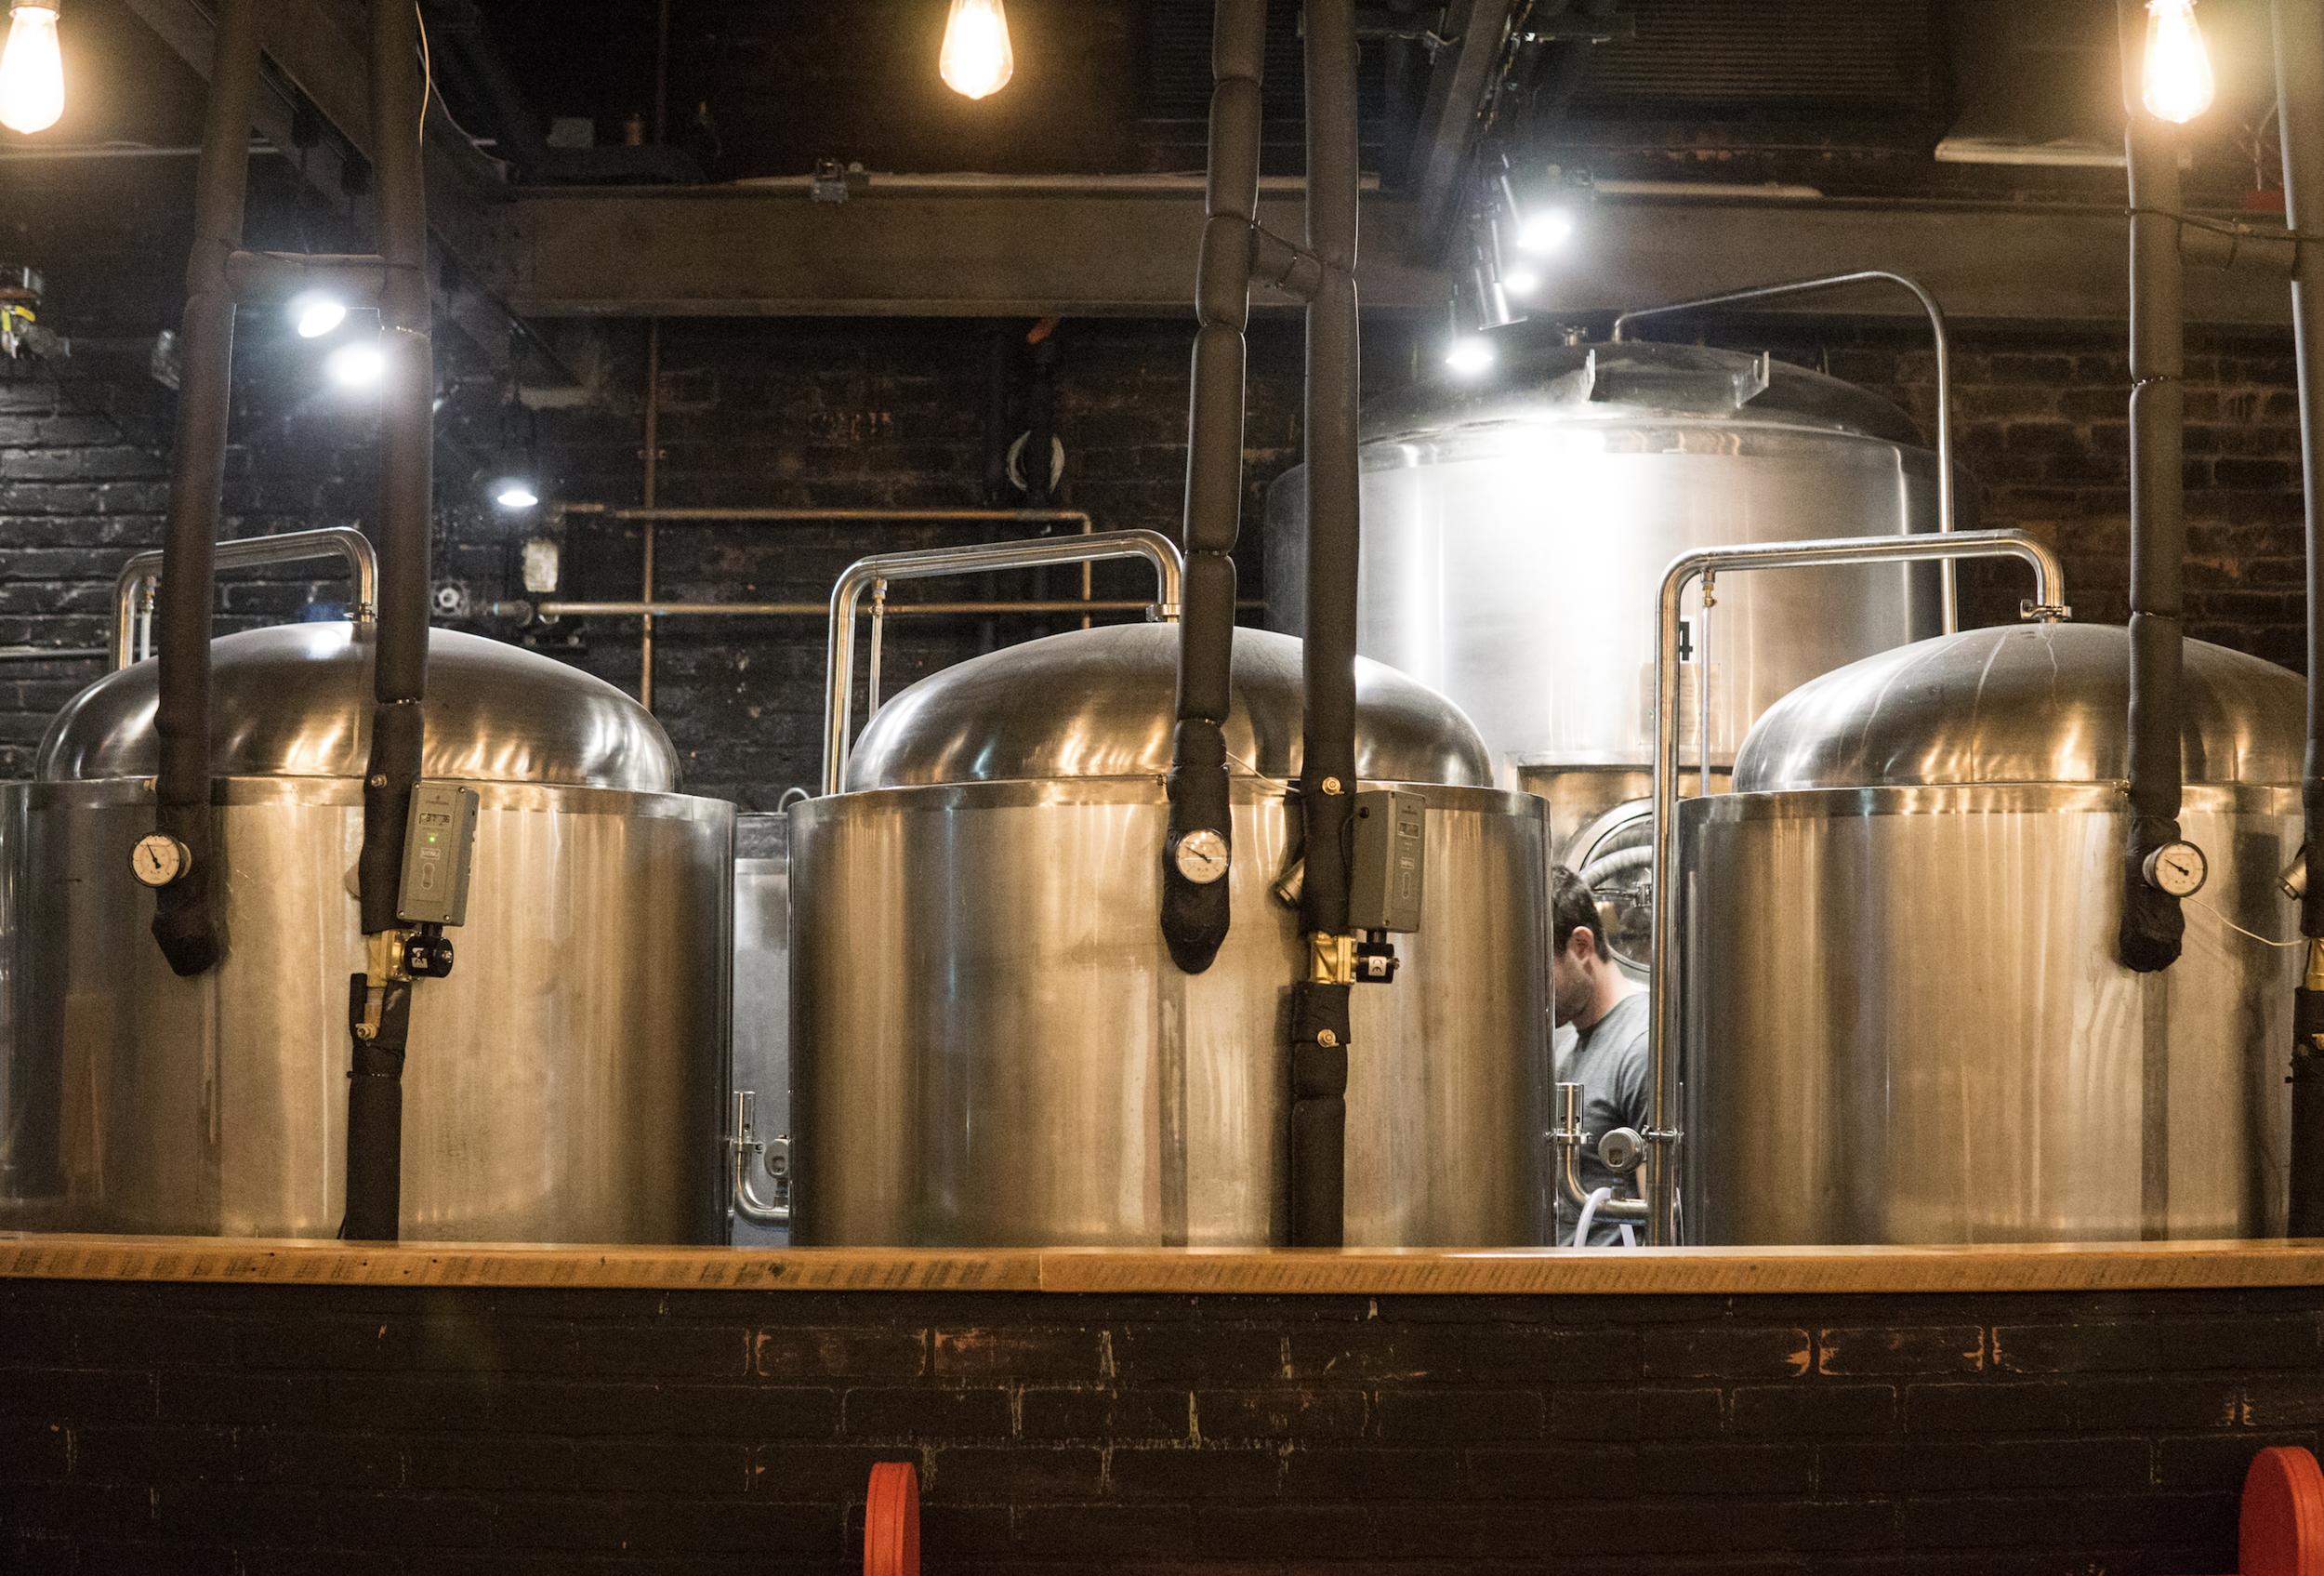 Beer brewing vats